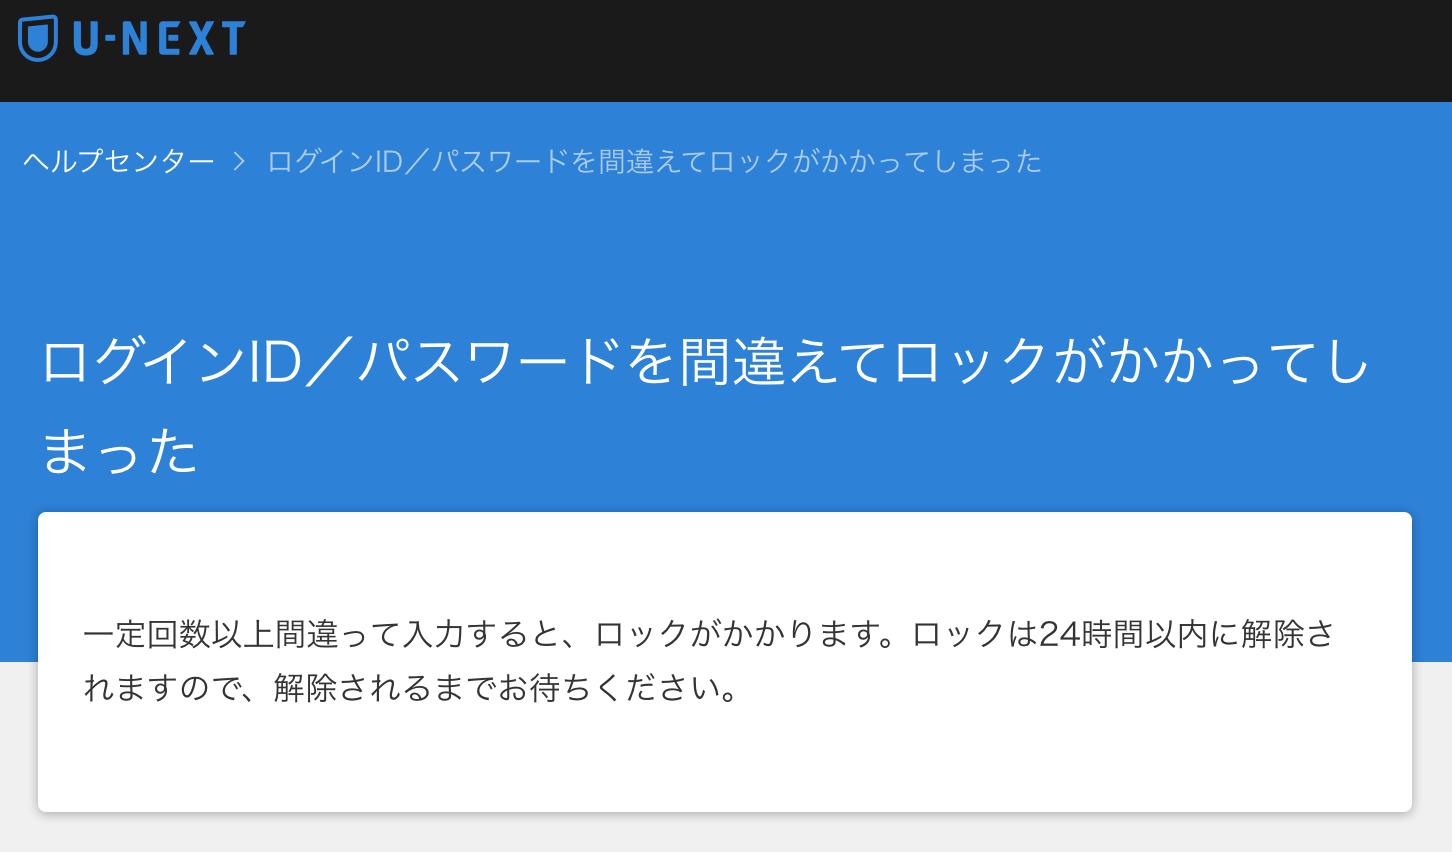 【原因2】U-NEXTサイト(アプリ)のログインID/パスワードを一定回数で間違えてロックがかかってしまった。